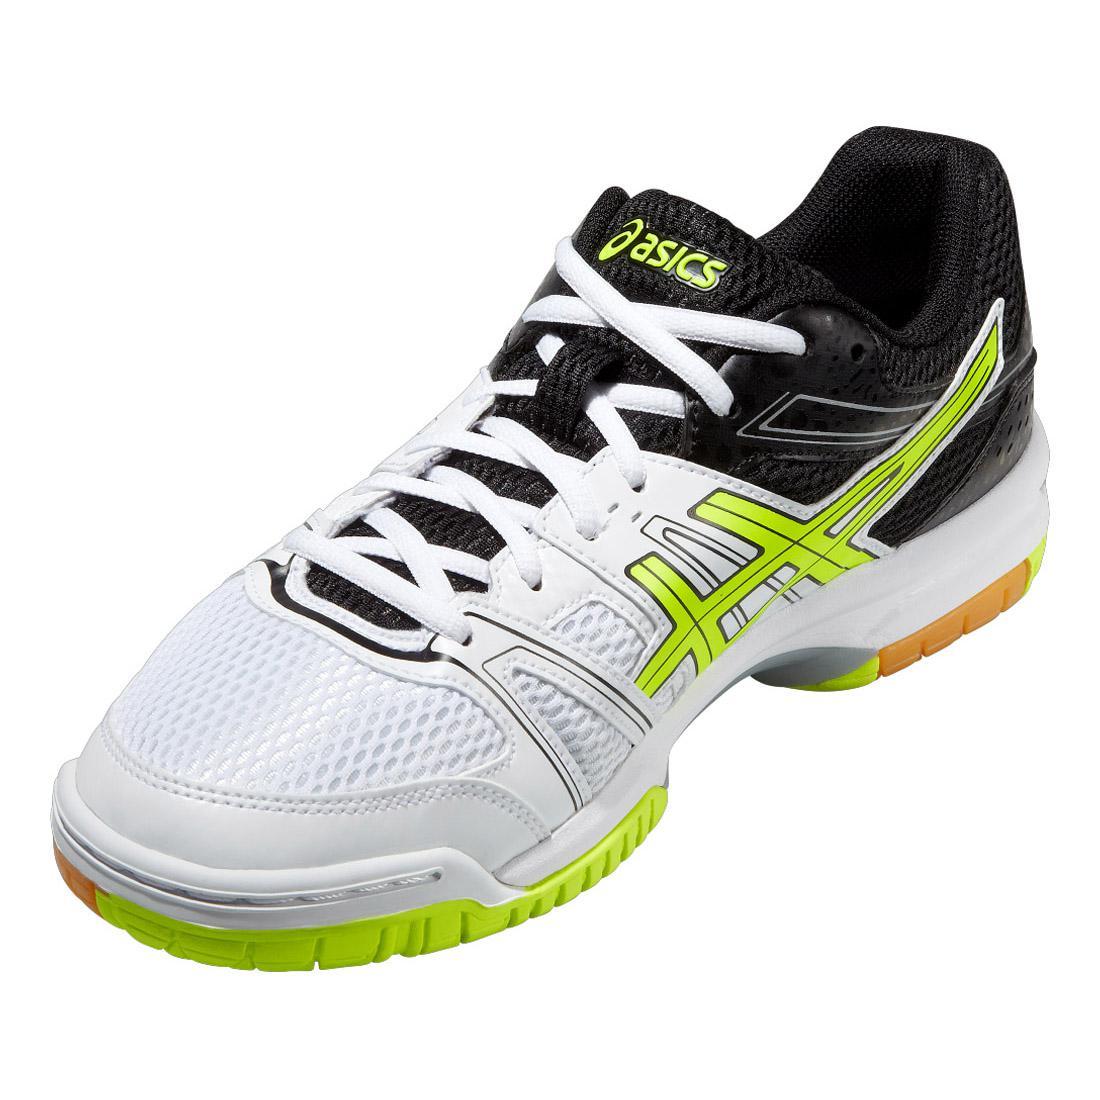 Asics Mens GEL-Rocket 7 Indoor Court Shoes - White Black ... bdf210c5bf7d2